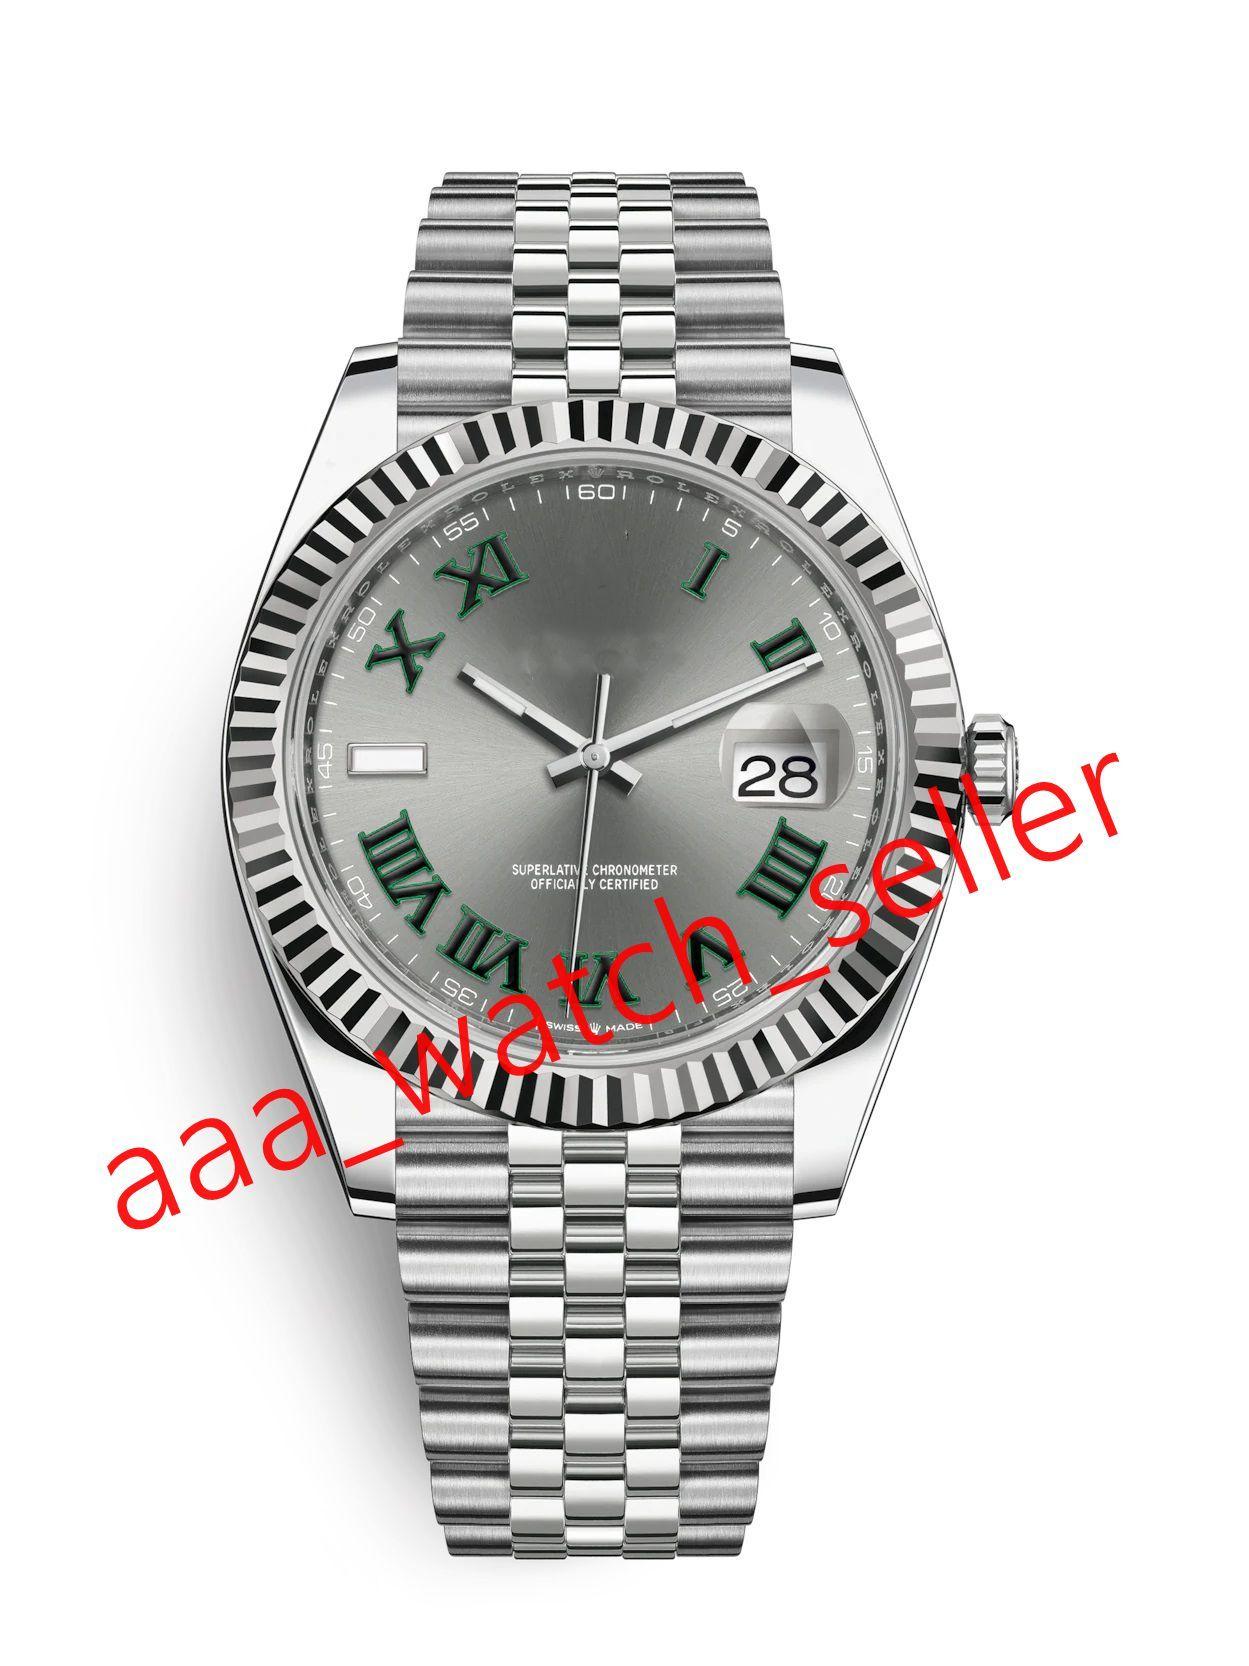 12 цветов Высококачественные мужские менчанические автоматические часы движения 41 мм 1416334 126333 Браслет бешель бешель юбилейный браслет SS316L